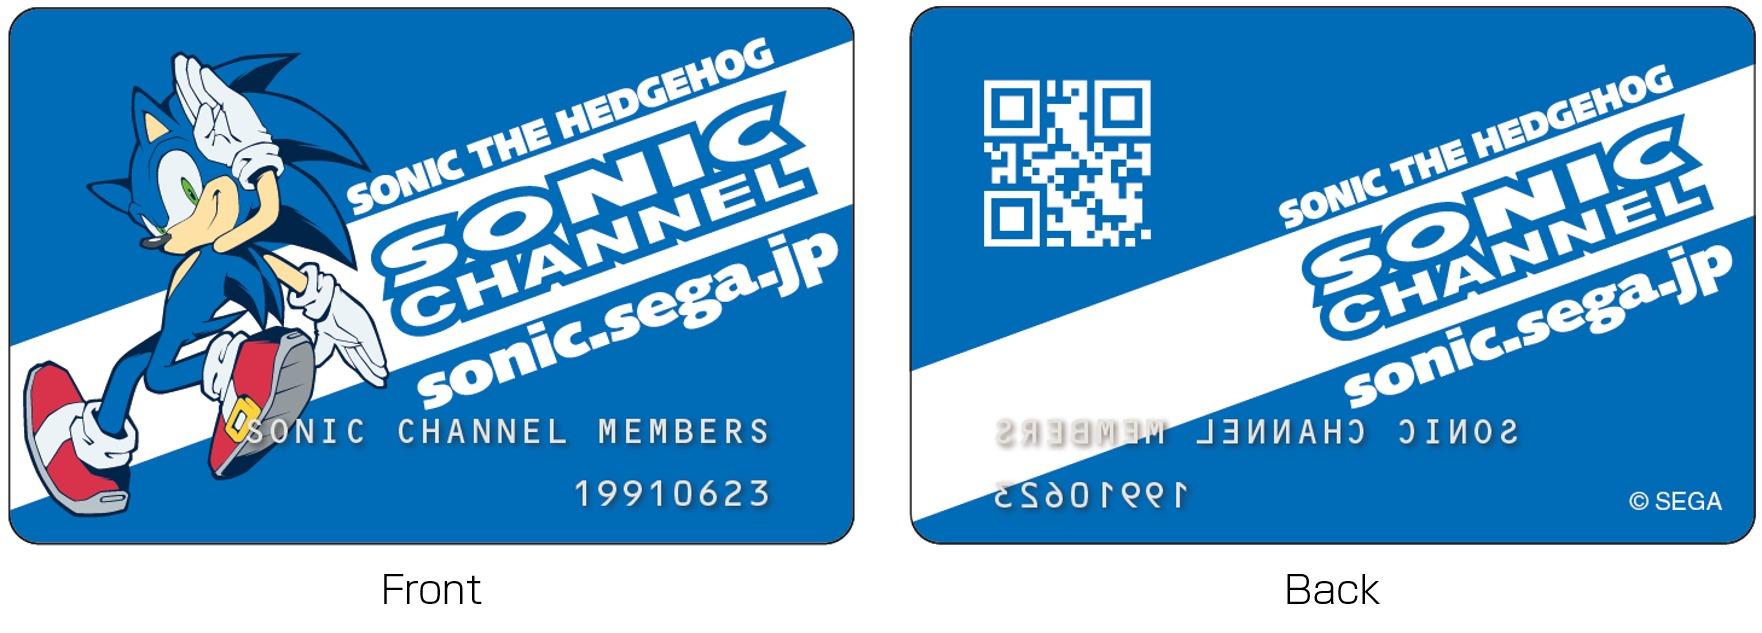 「ソニック」シリーズポータルサイト「SONIC CHANNEL」のオリジナルメンバーズカード (C)SEGA